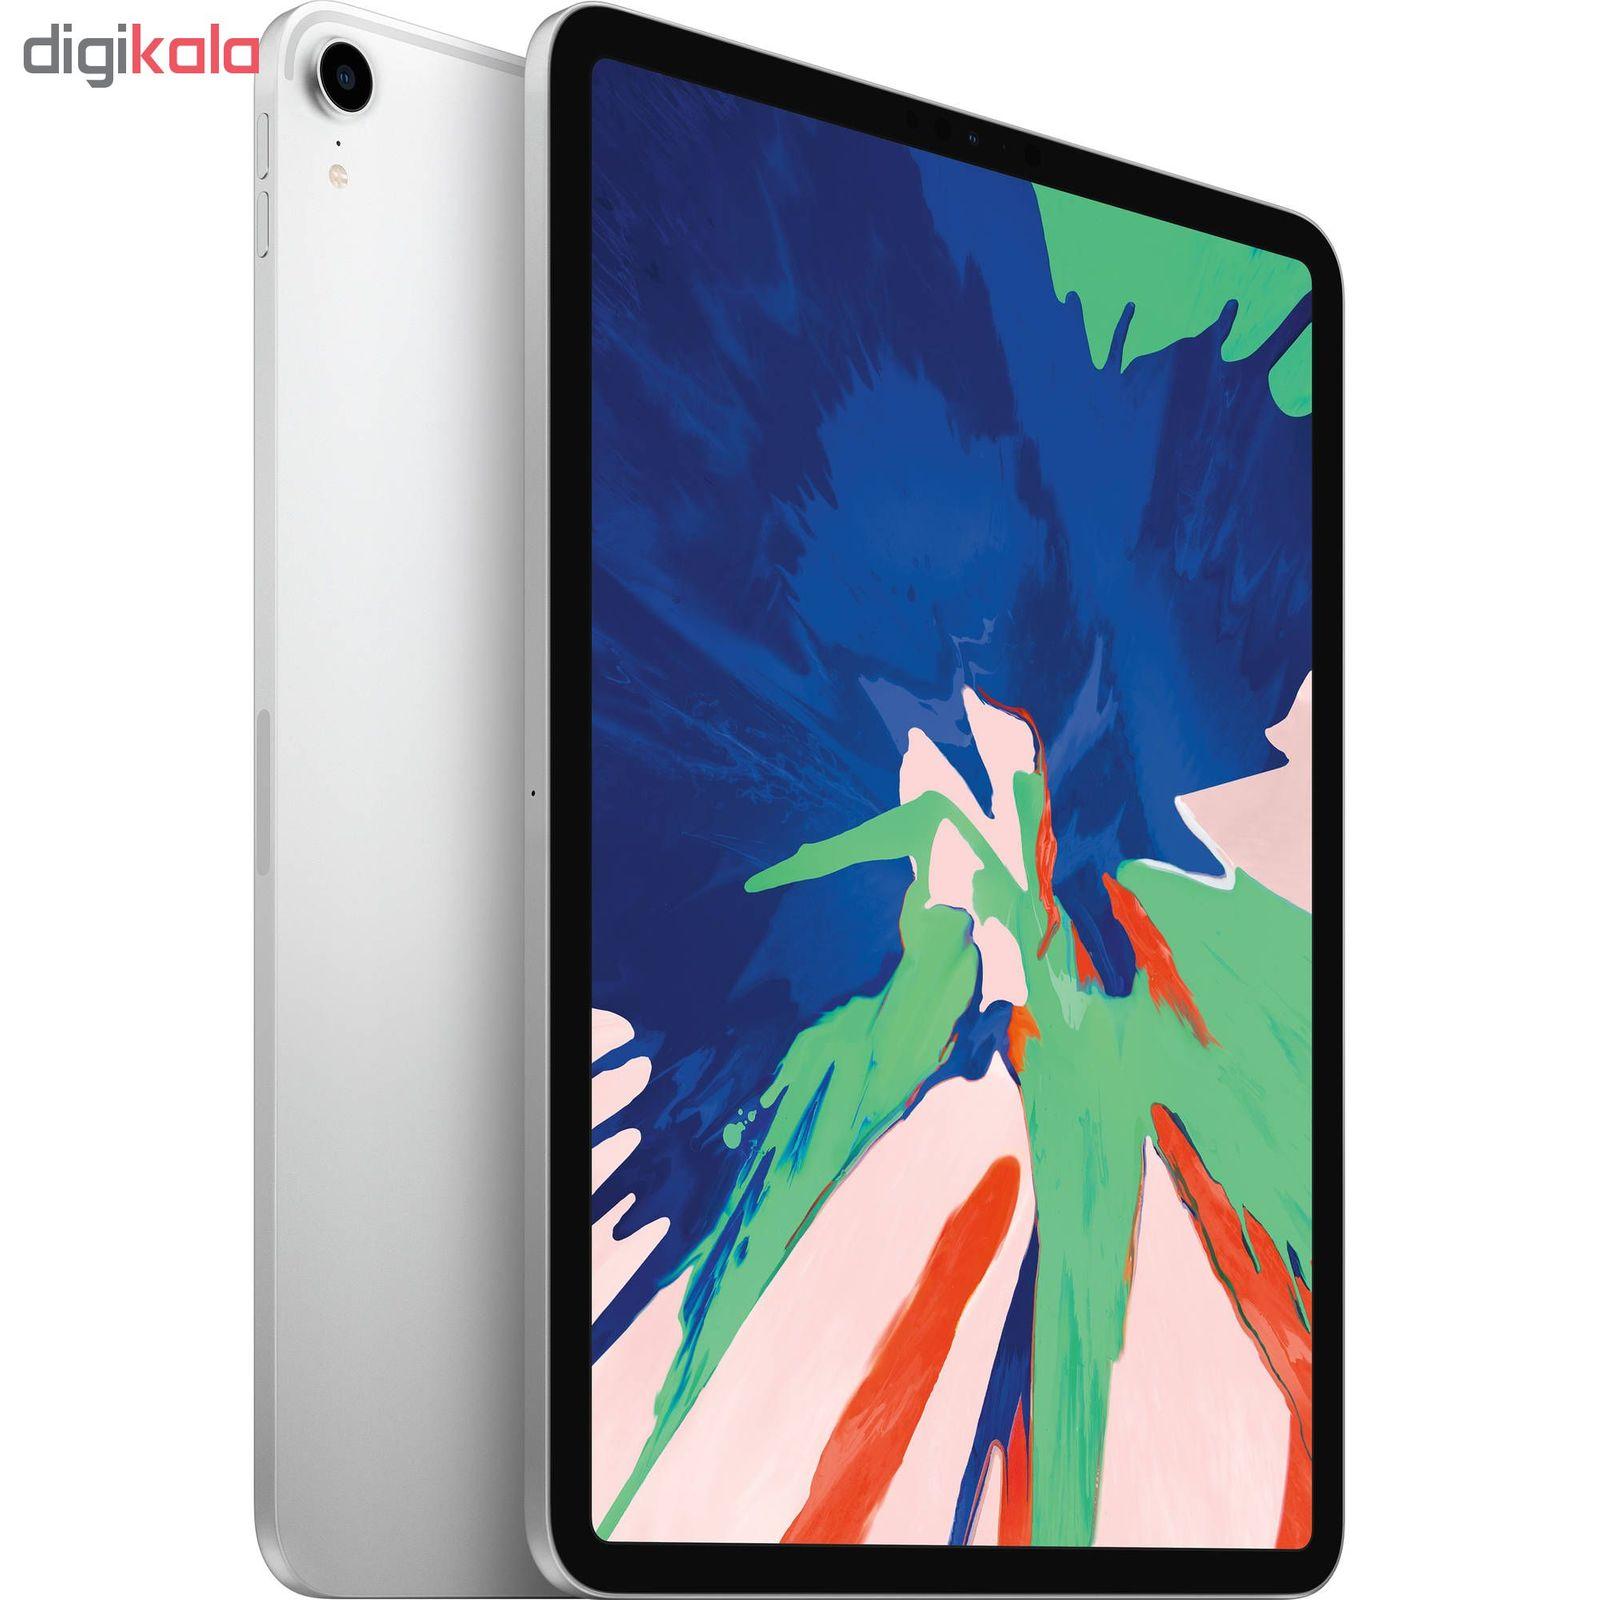 تبلت اپل مدل iPad Pro 2018 11 inch WiFi ظرفیت 256 گیگابایت main 1 4